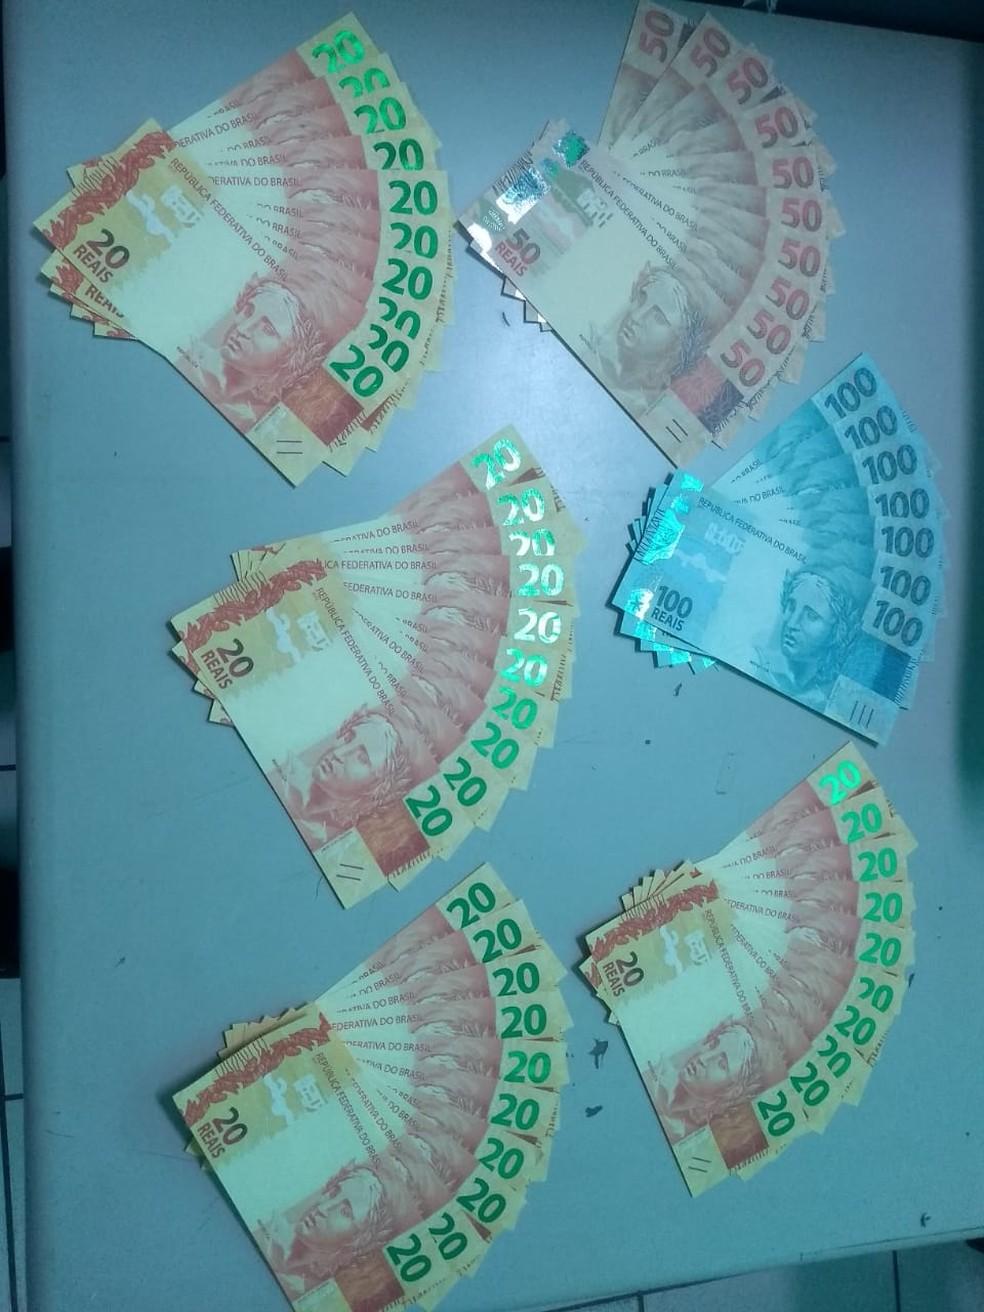 Dinheiro apreendido pela Polícia Federal no Ceará — Foto: PF-CE/ Divulgação